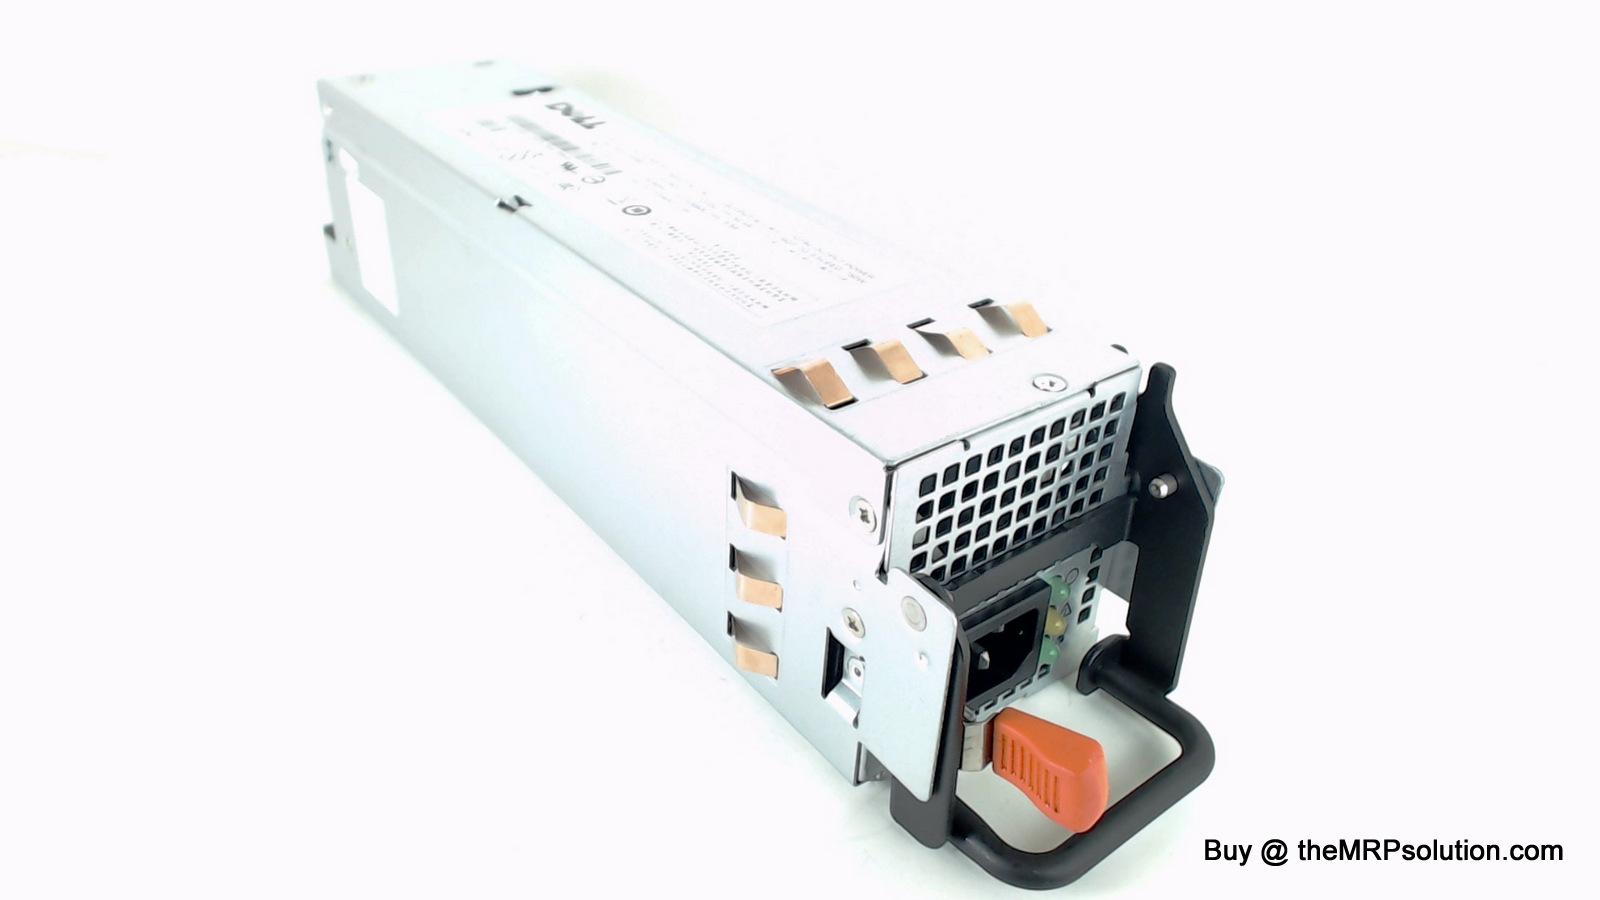 DELL JU081 POWER SUPPLY, 750 WATT QUICKSWAP New